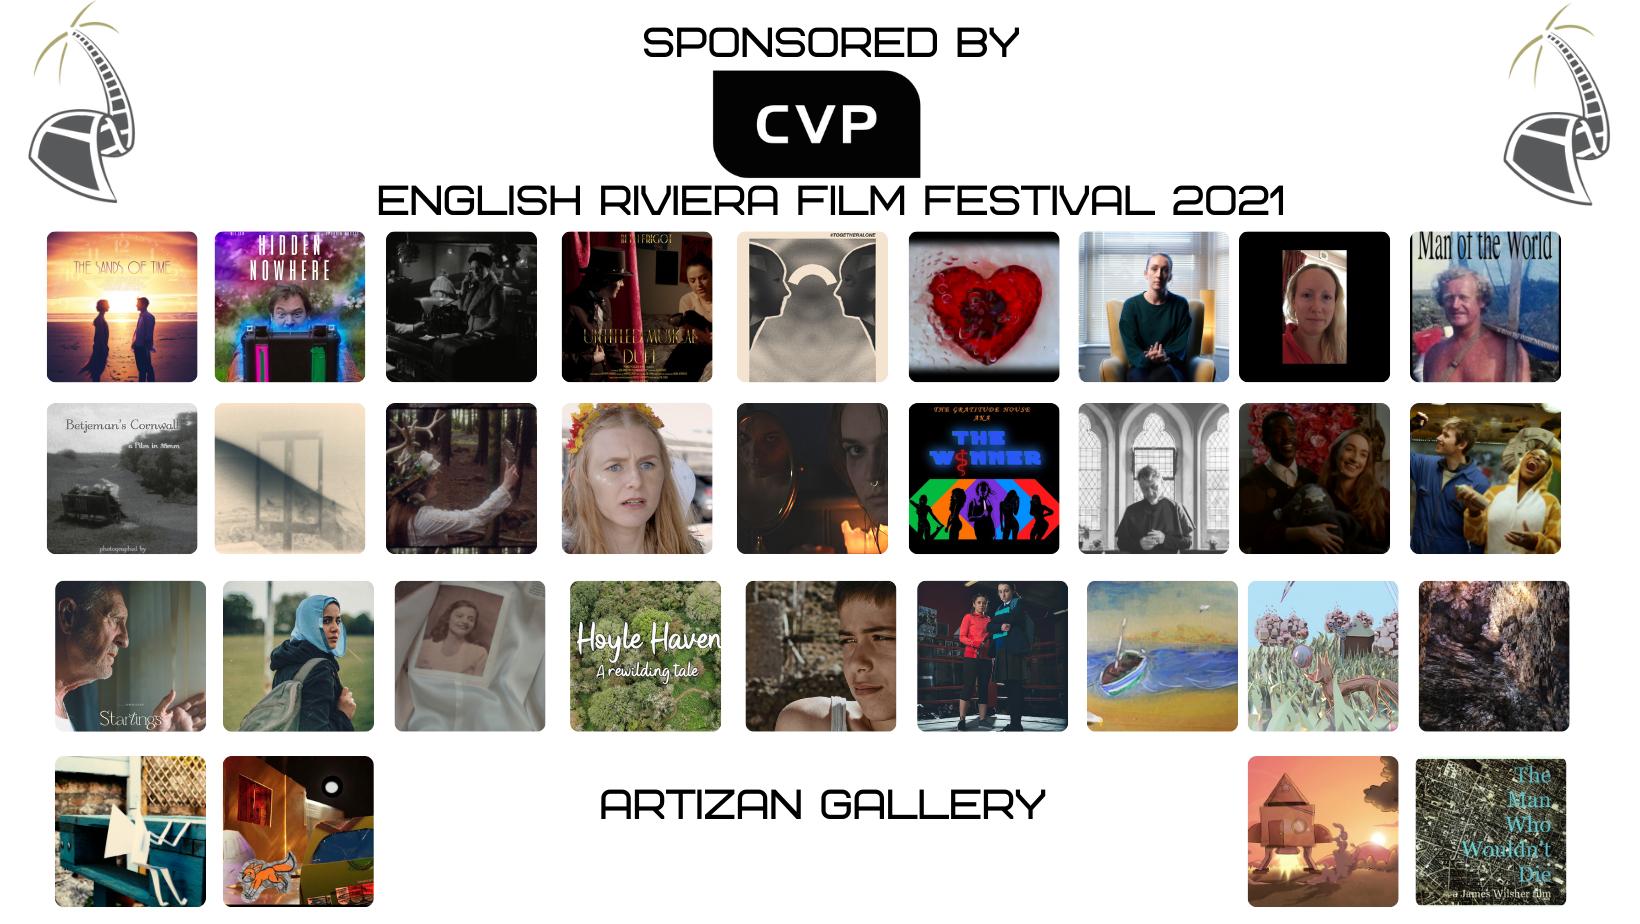 ENGLISH RIVIERA FILM FESTIVAL 2021 (2)